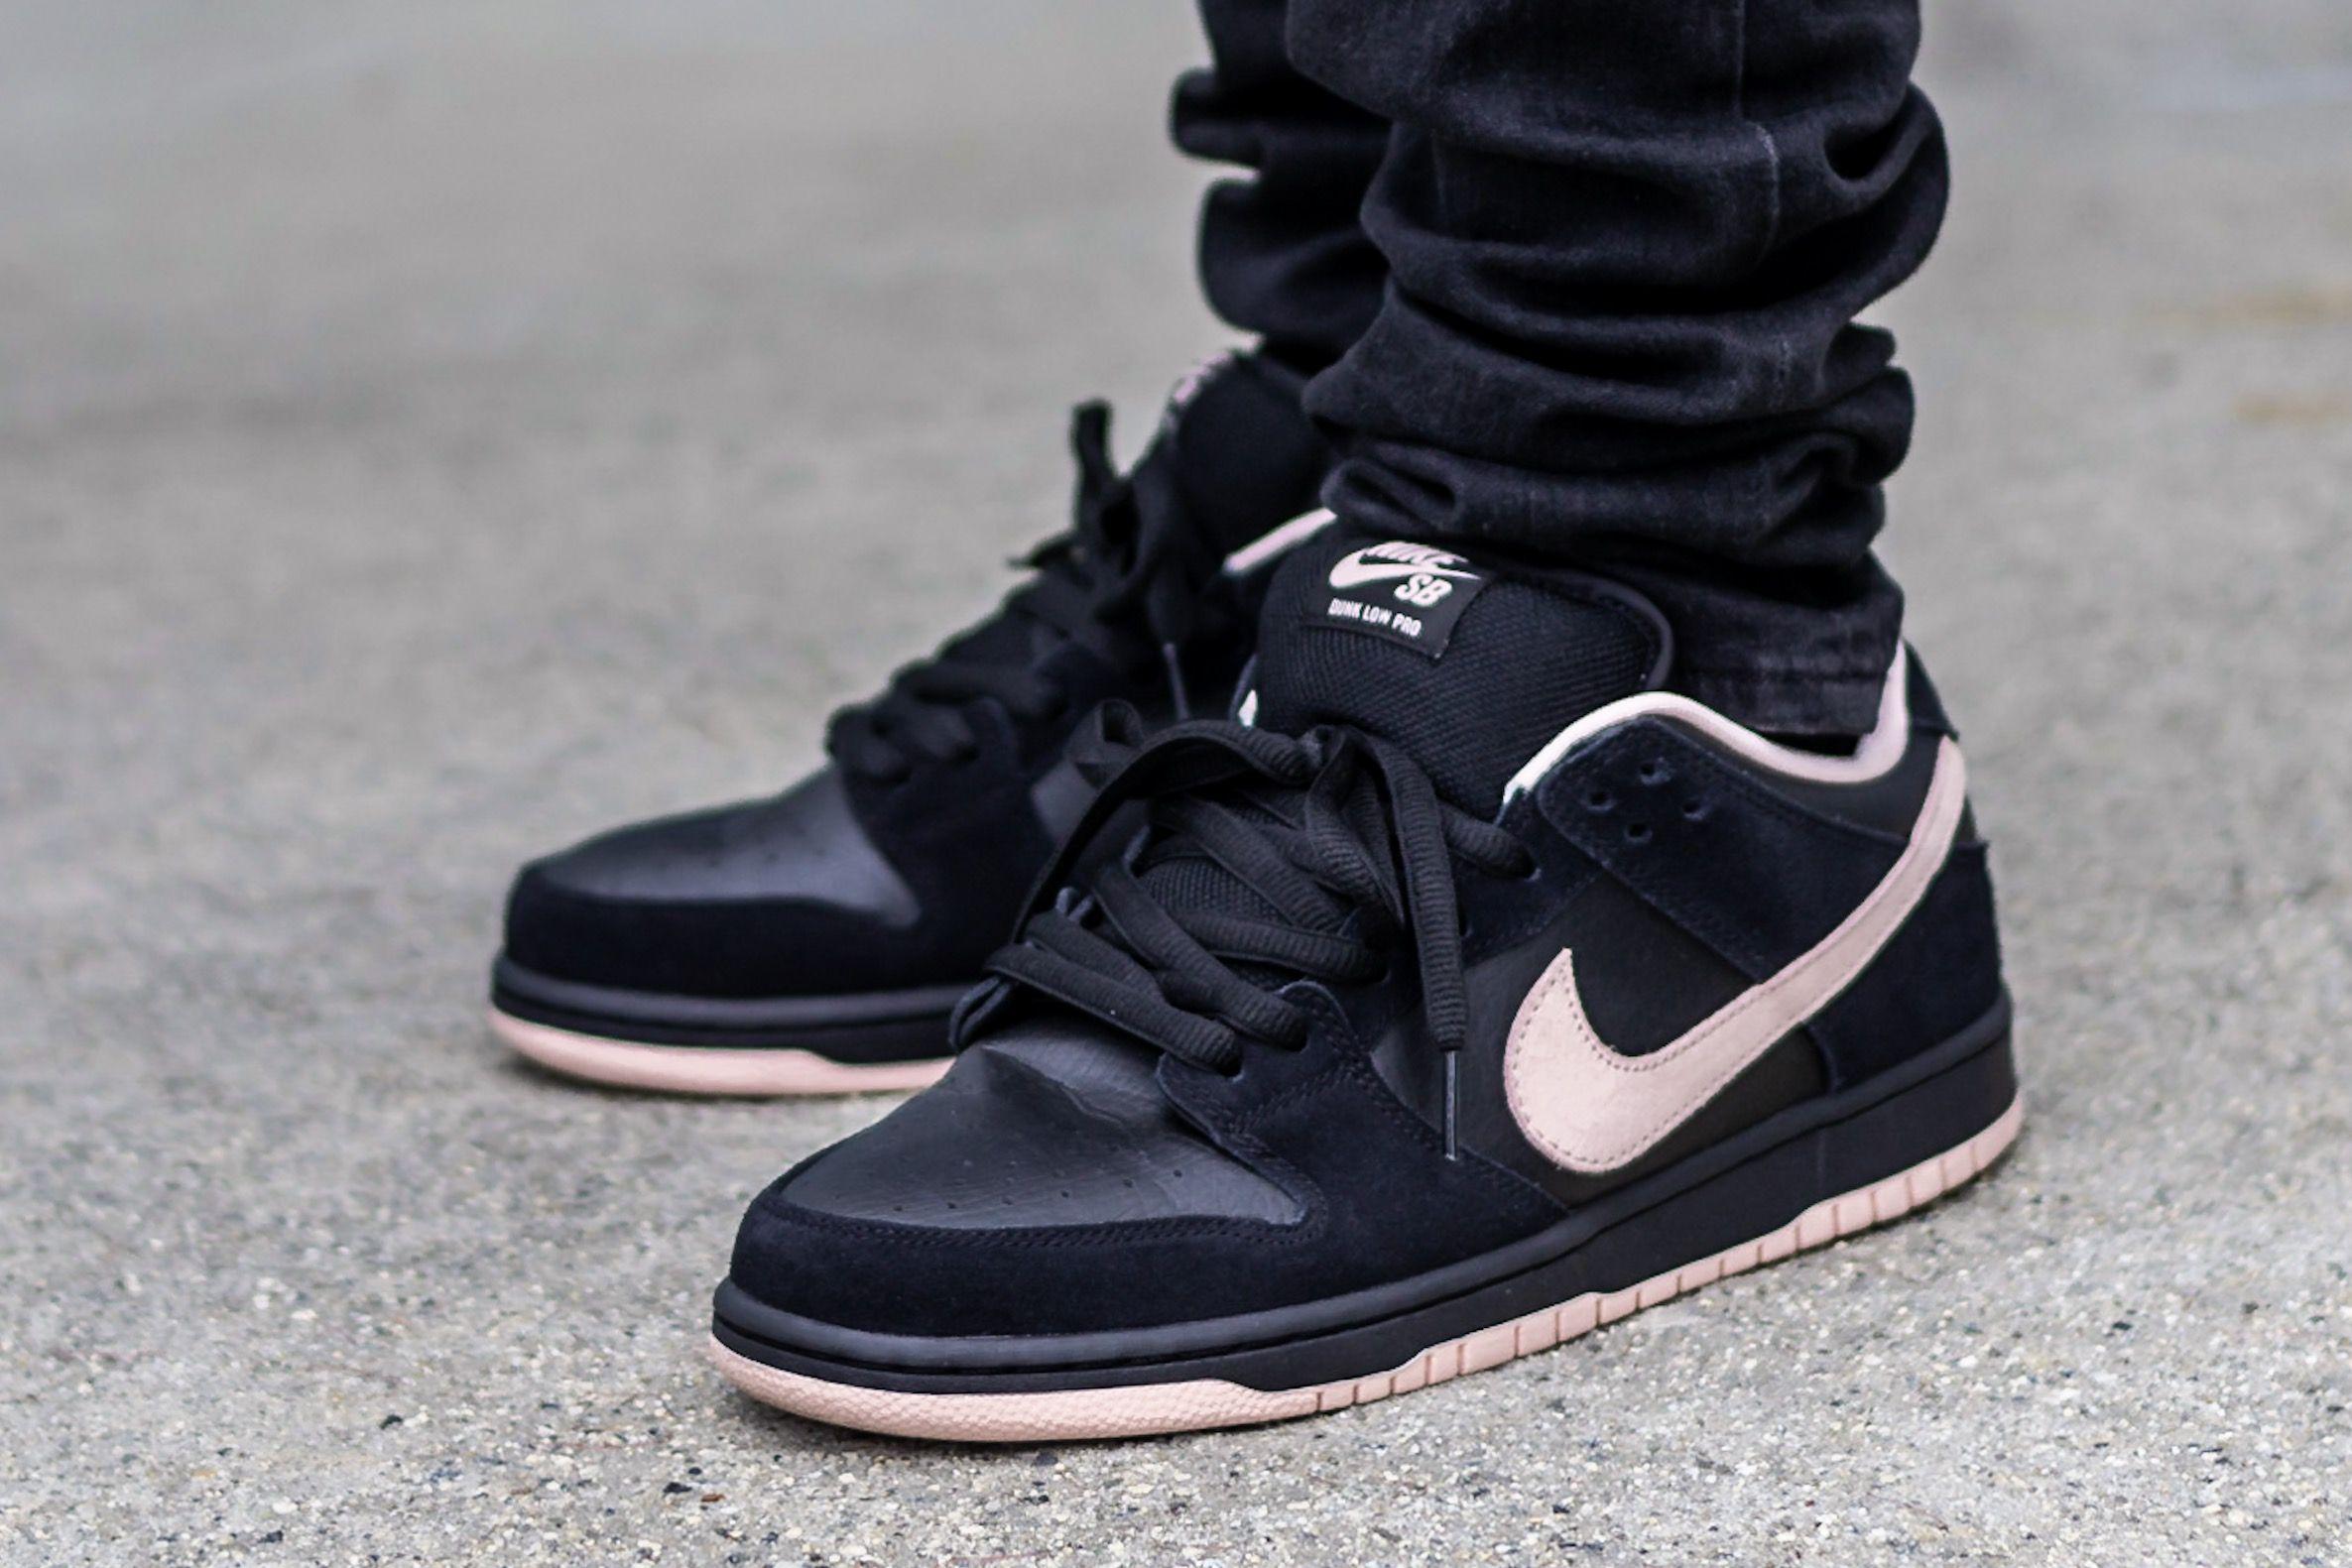 Nike sb shoes, Nike sb dunks